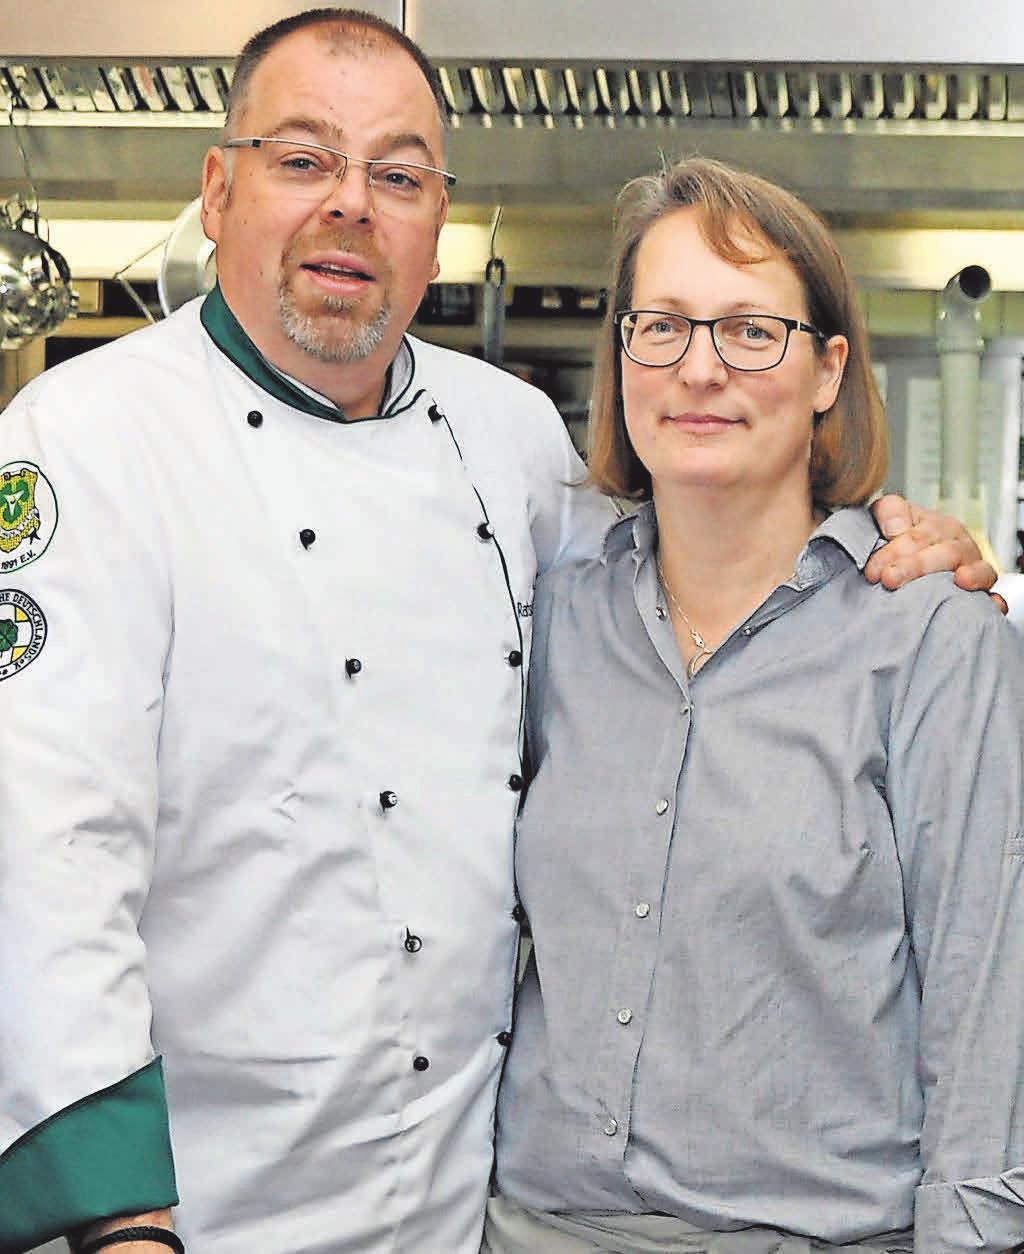 Das Ehepaar Behm arbeitet fast ausschließlich mit Bioprodukten und regionalen Anbietern zusammen.